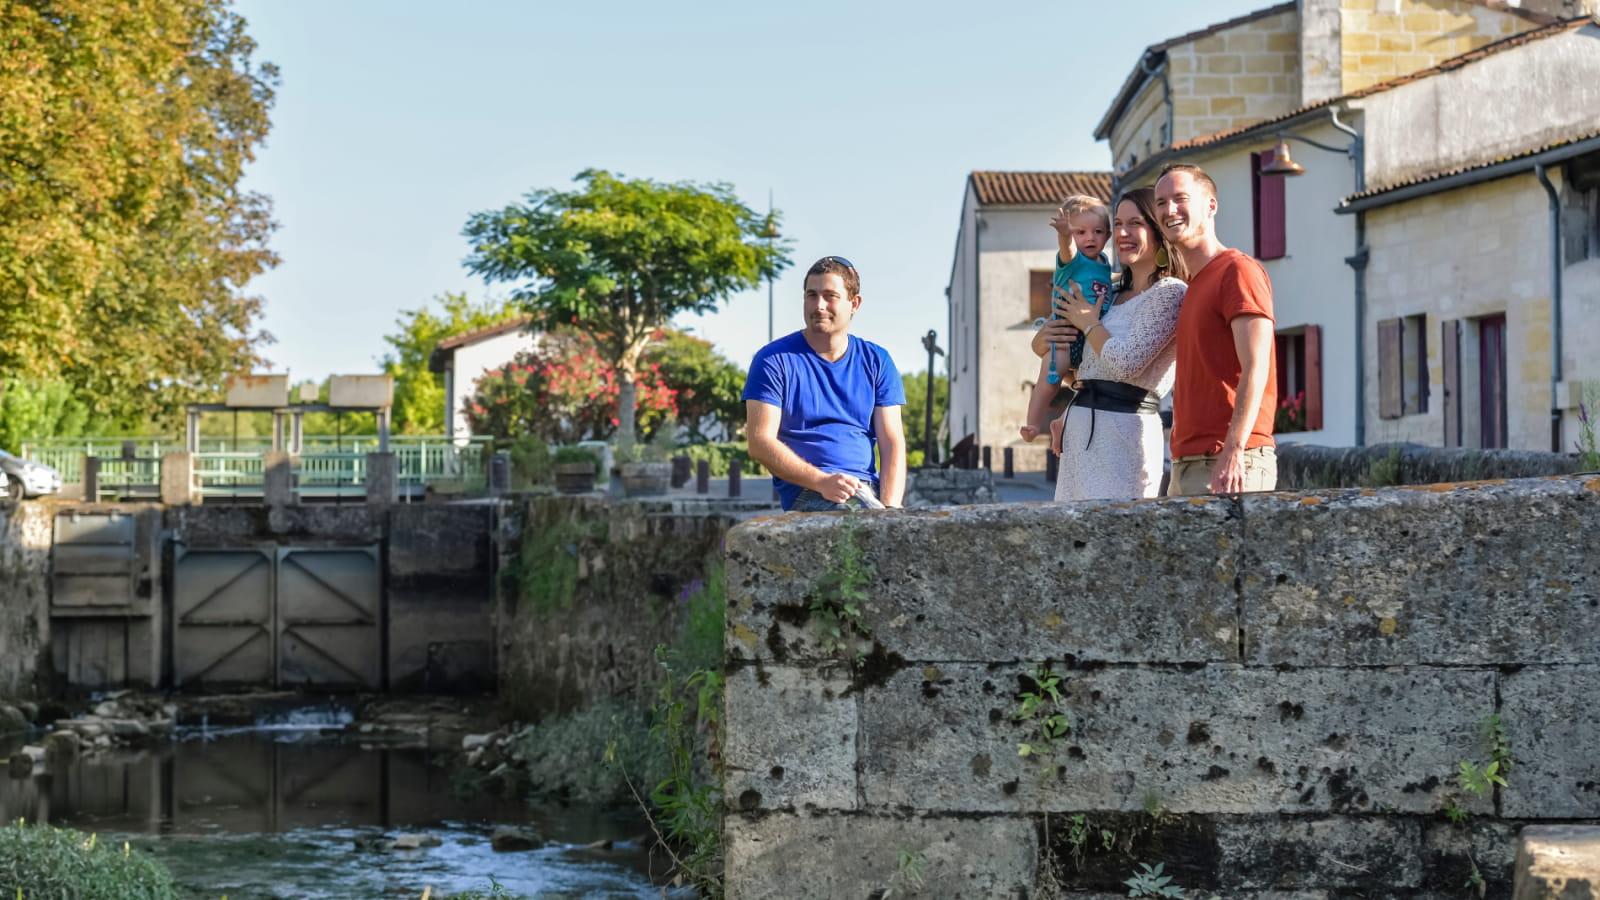 Vue sur l'écluse du village d'Isle Saint Georges en bords de Garonne